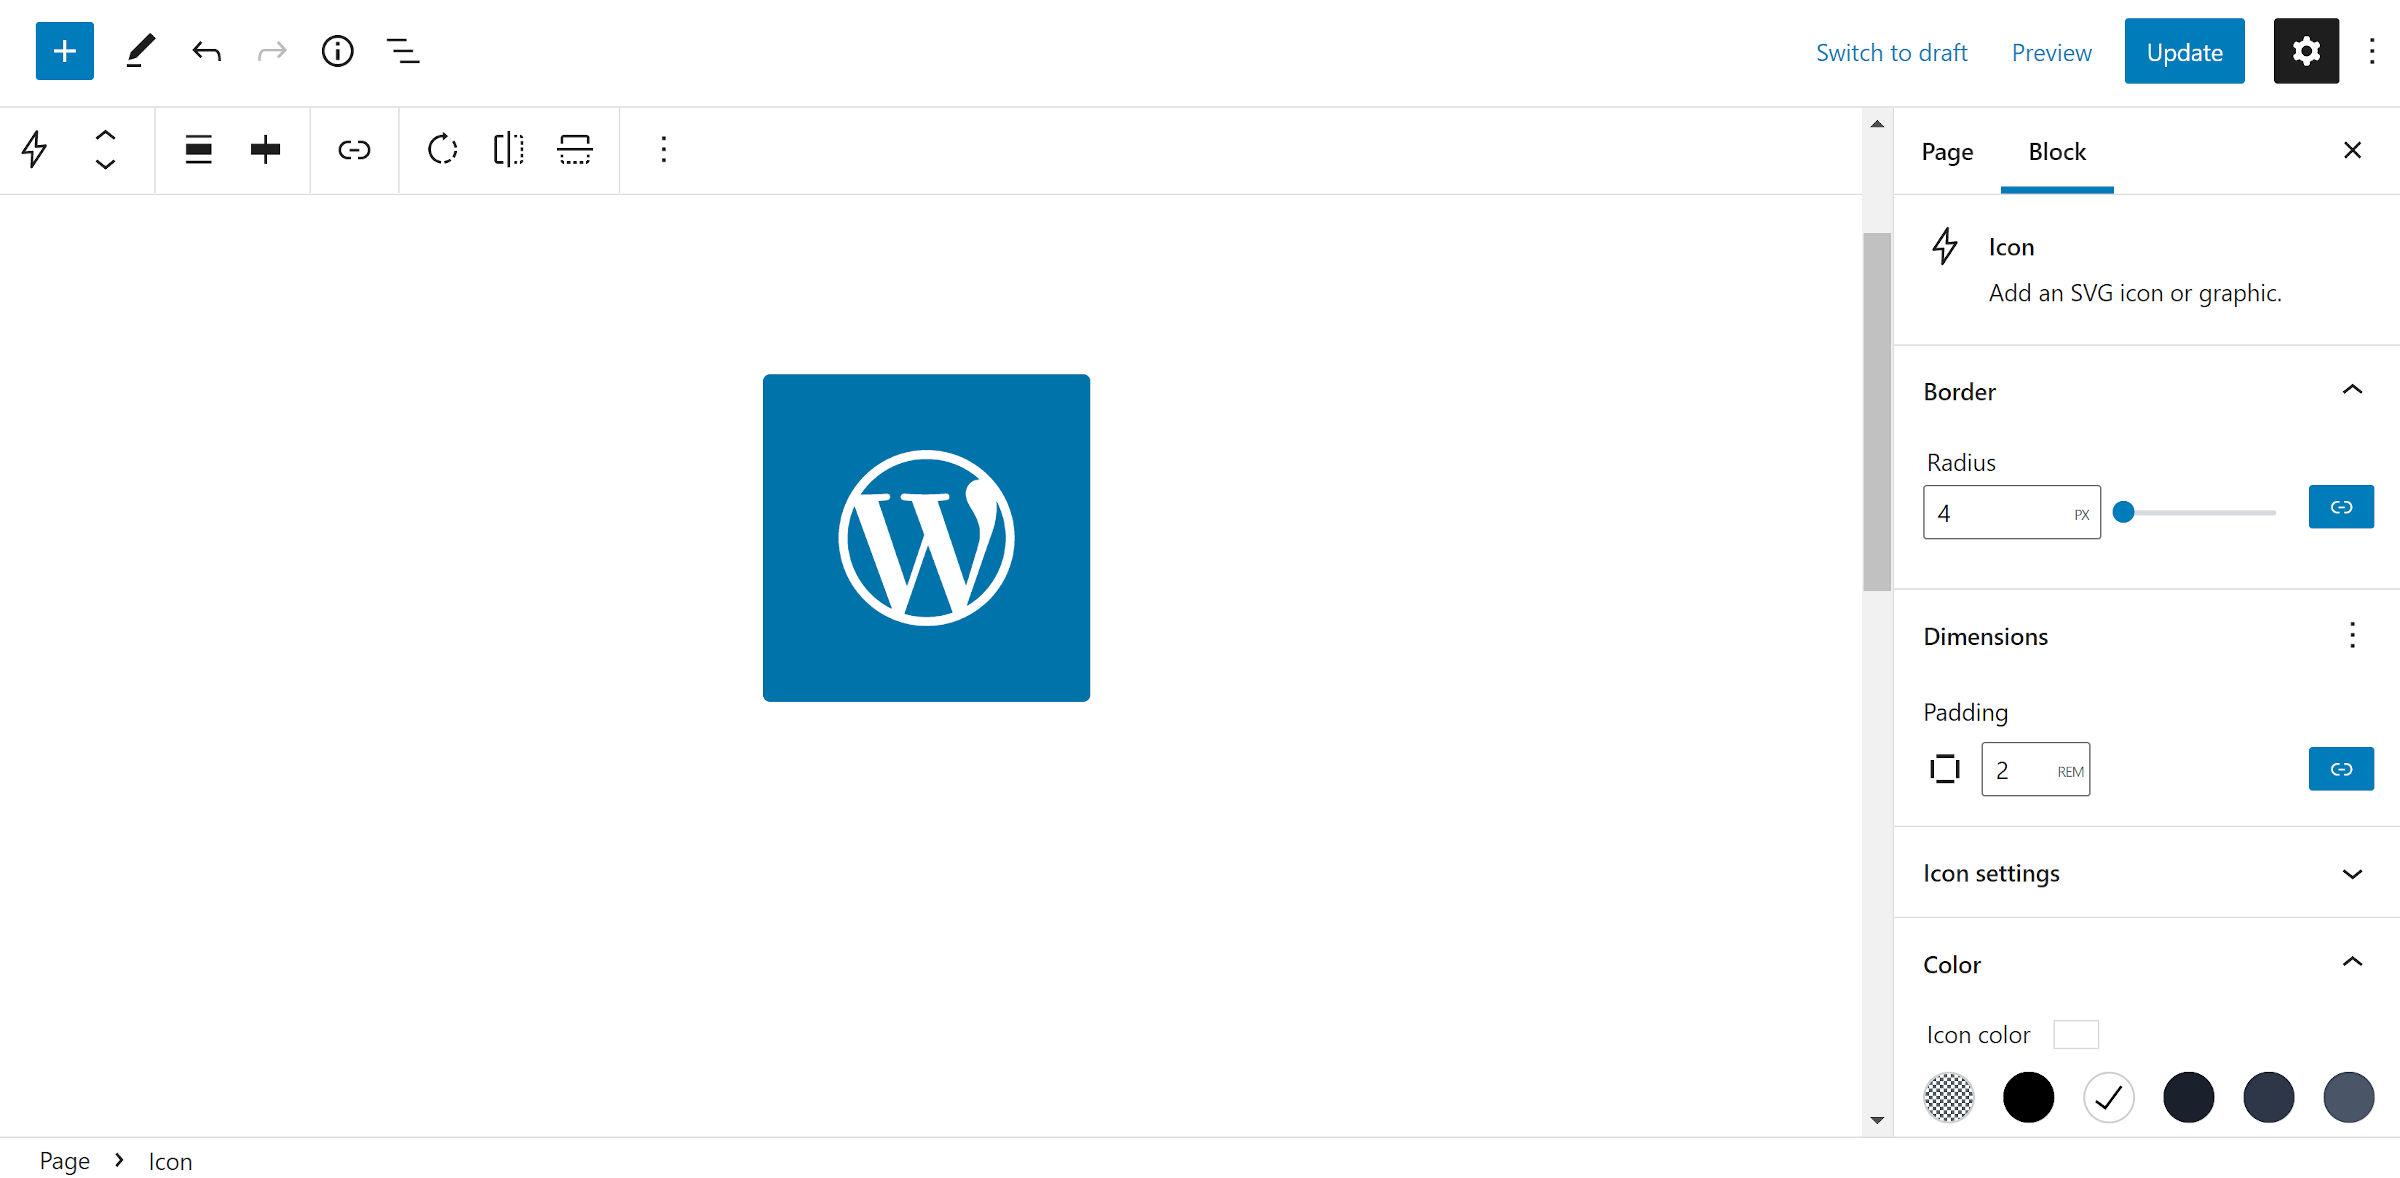 Le logo WordPress sous forme d'icône avec un fond bleu et une icône blanche.